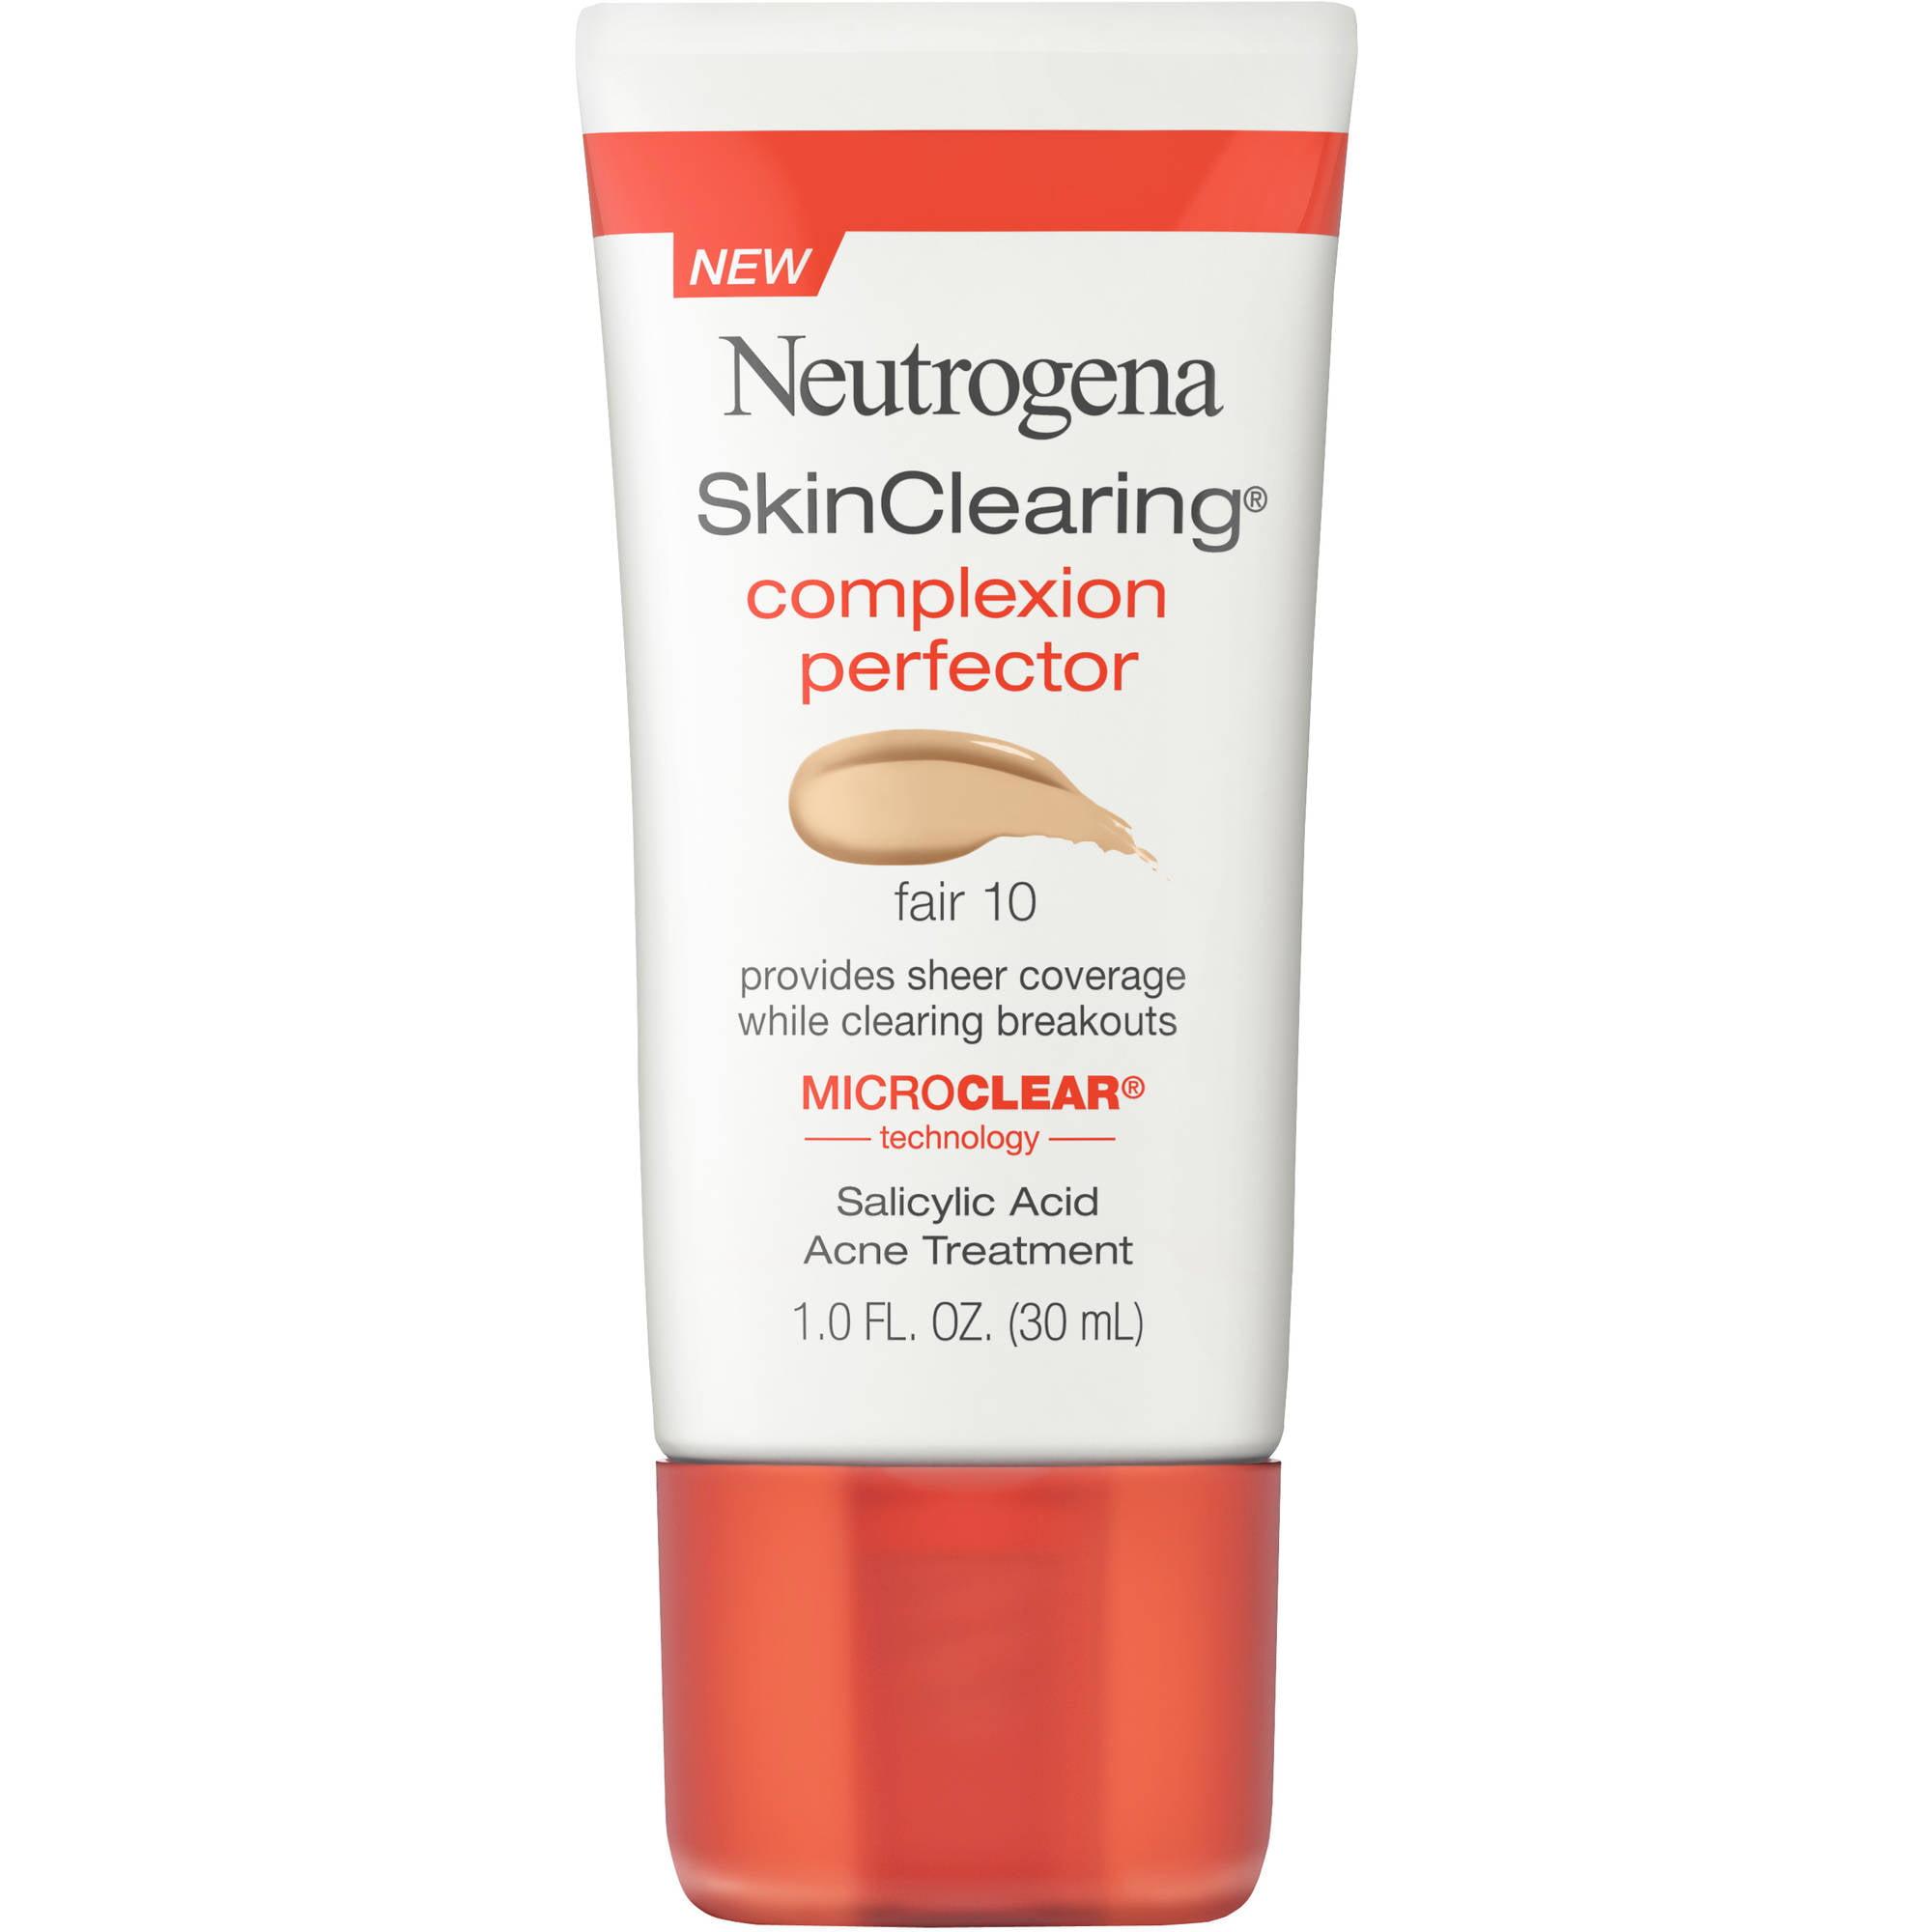 Maquillaje Para Ojos Neutrogena SkinClearing tez ácido salicílico acné Tratamiento Perfeccionador, 10 justo, 1 fl oz + Neutrogena en Veo y Compro